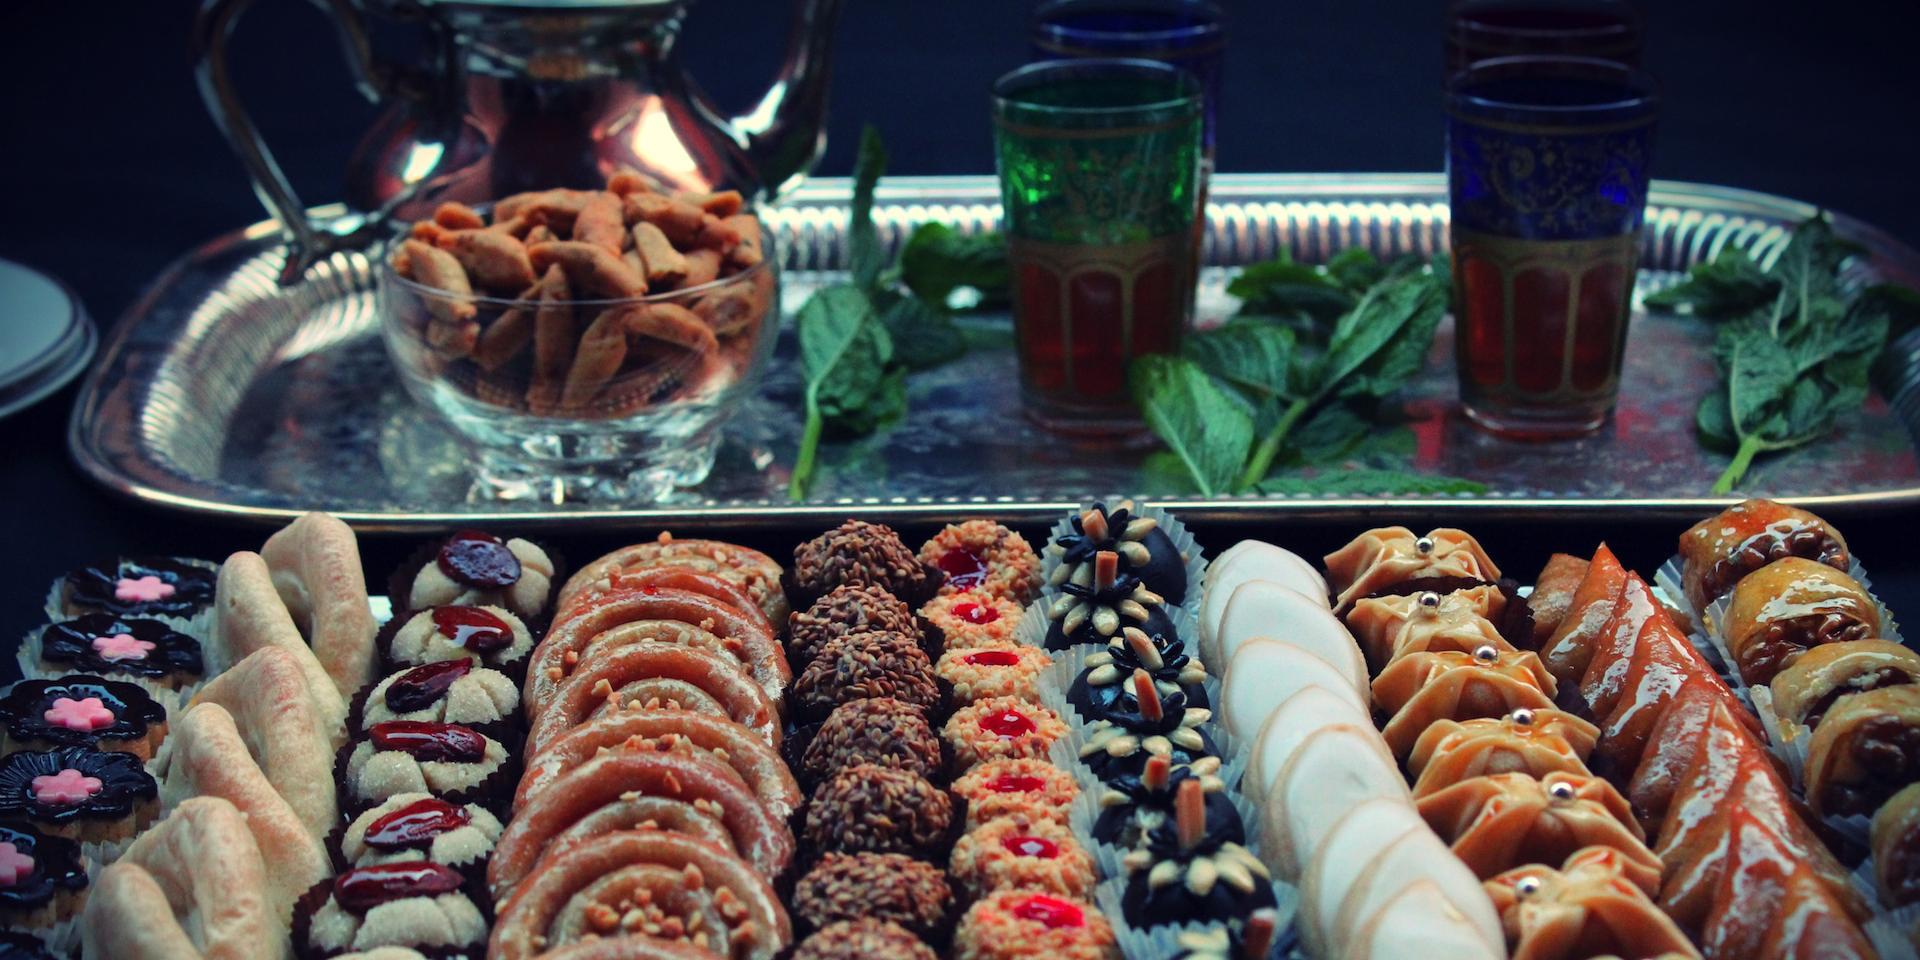 Un choix varié de fines pâtisseries Marocaines pour tous les goûts.